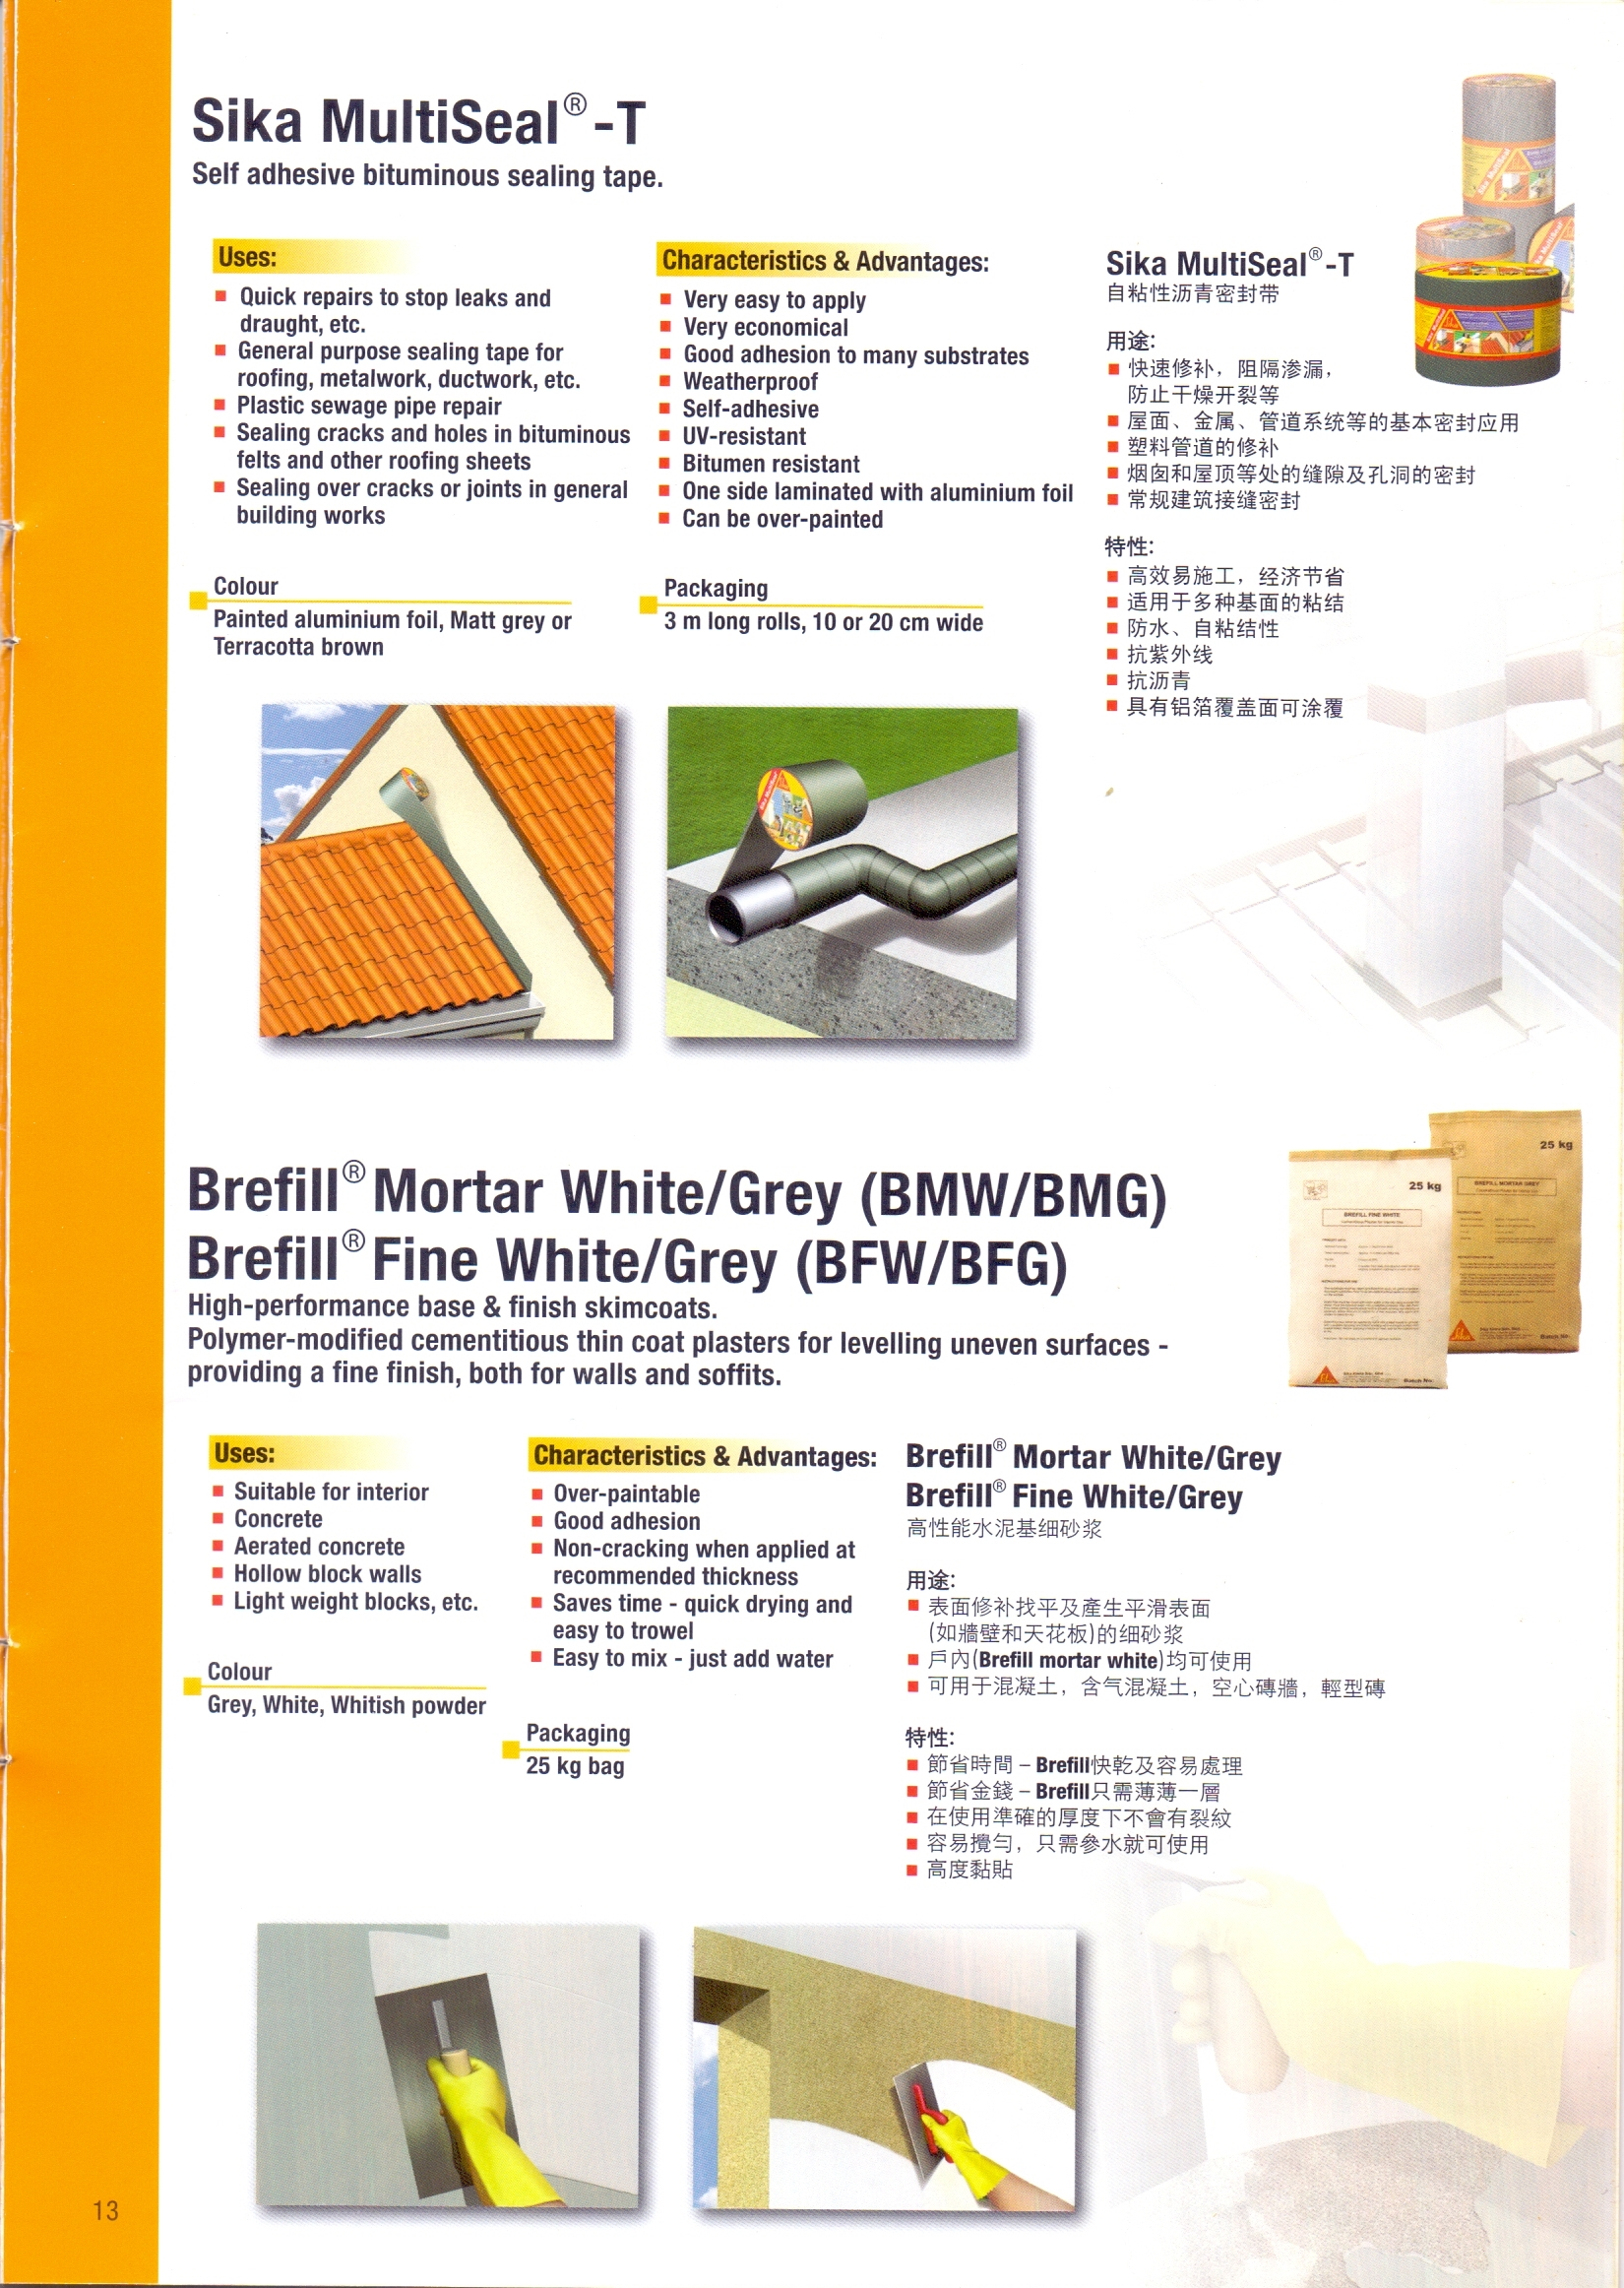 Sika MultiSeal - T  Brefill Mortar &Brefill Fine